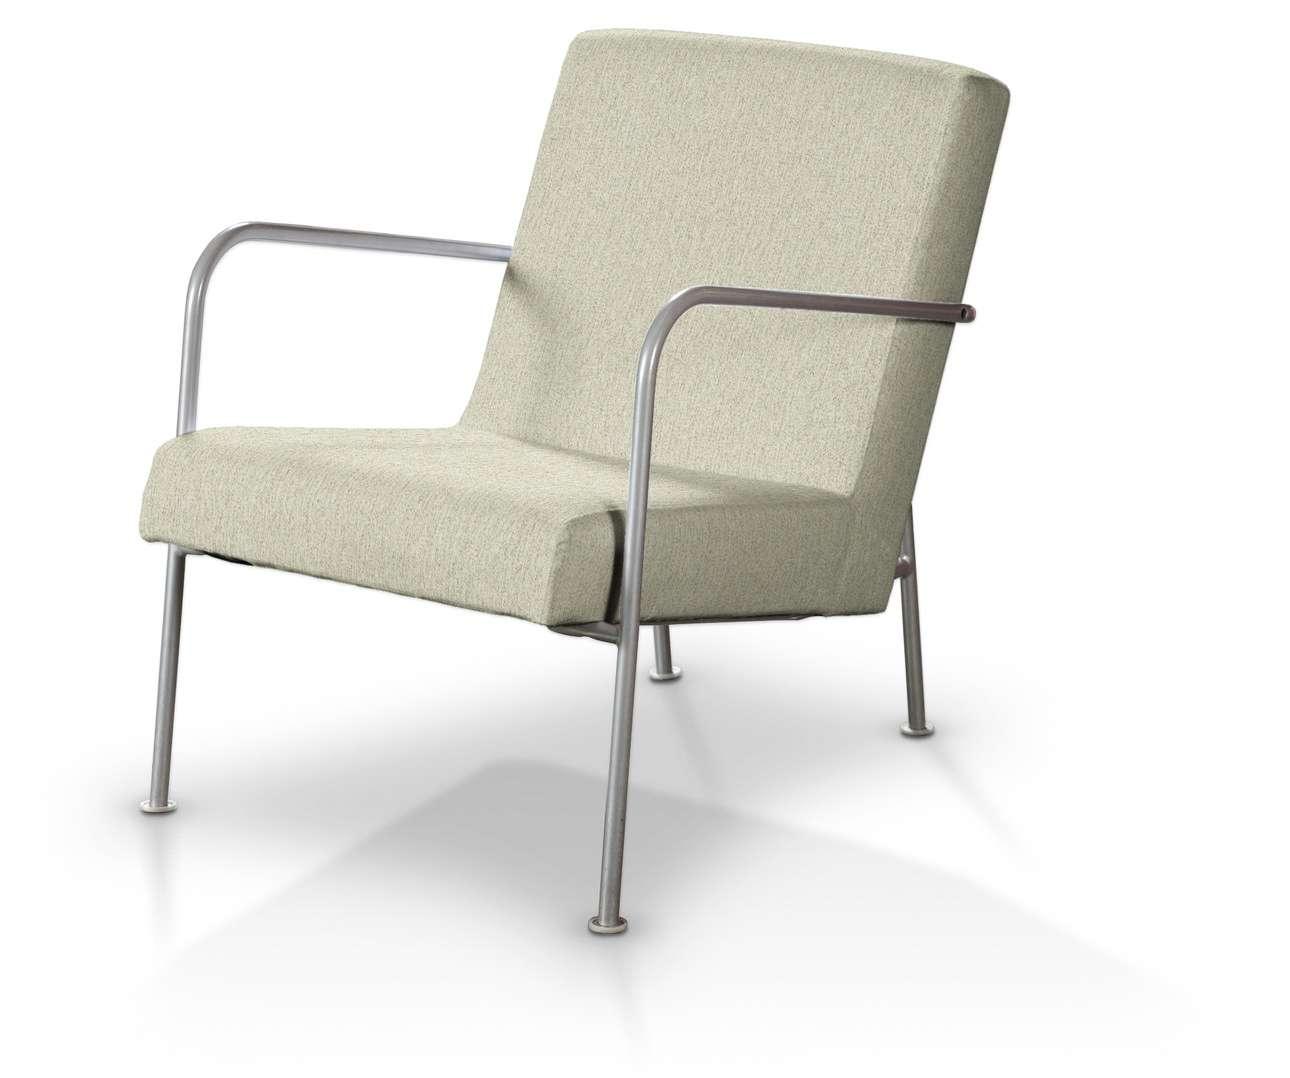 Bezug für Ikea PS Sessel von der Kollektion Living, Stoff: 161-62